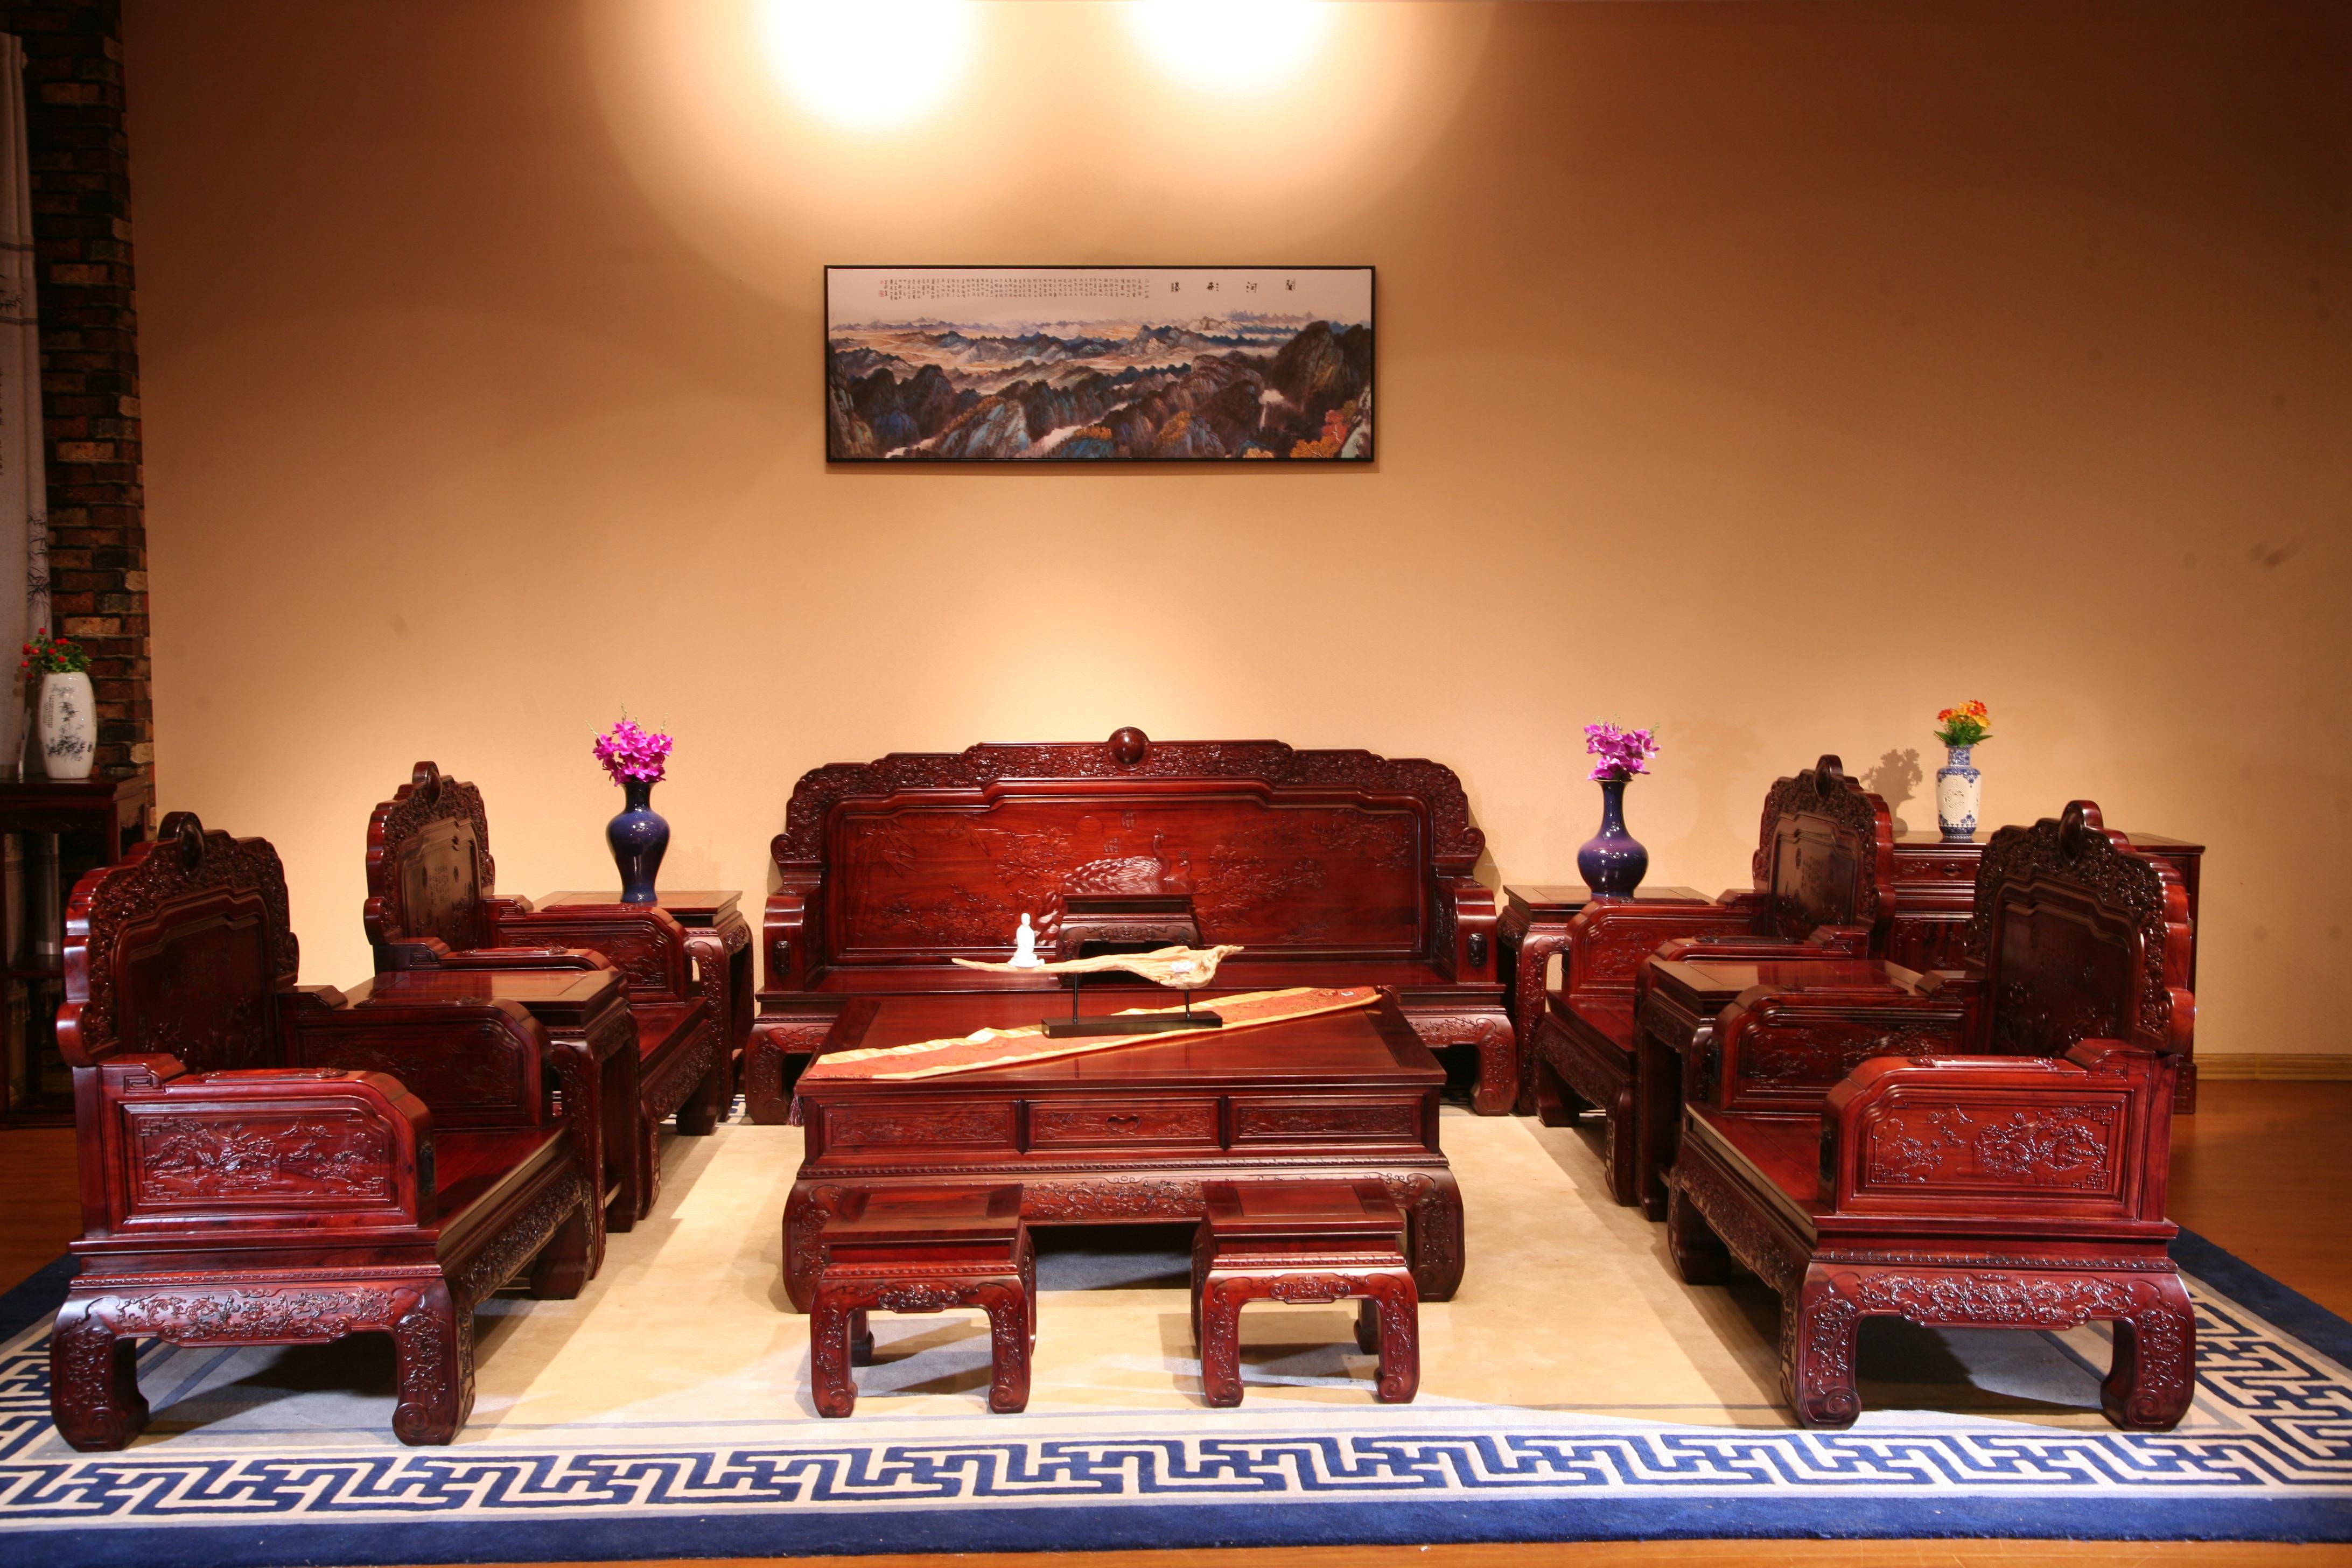 红木沙发组合古典沙发红酸枝系列沙发组合厂家直销红木家具实木家具